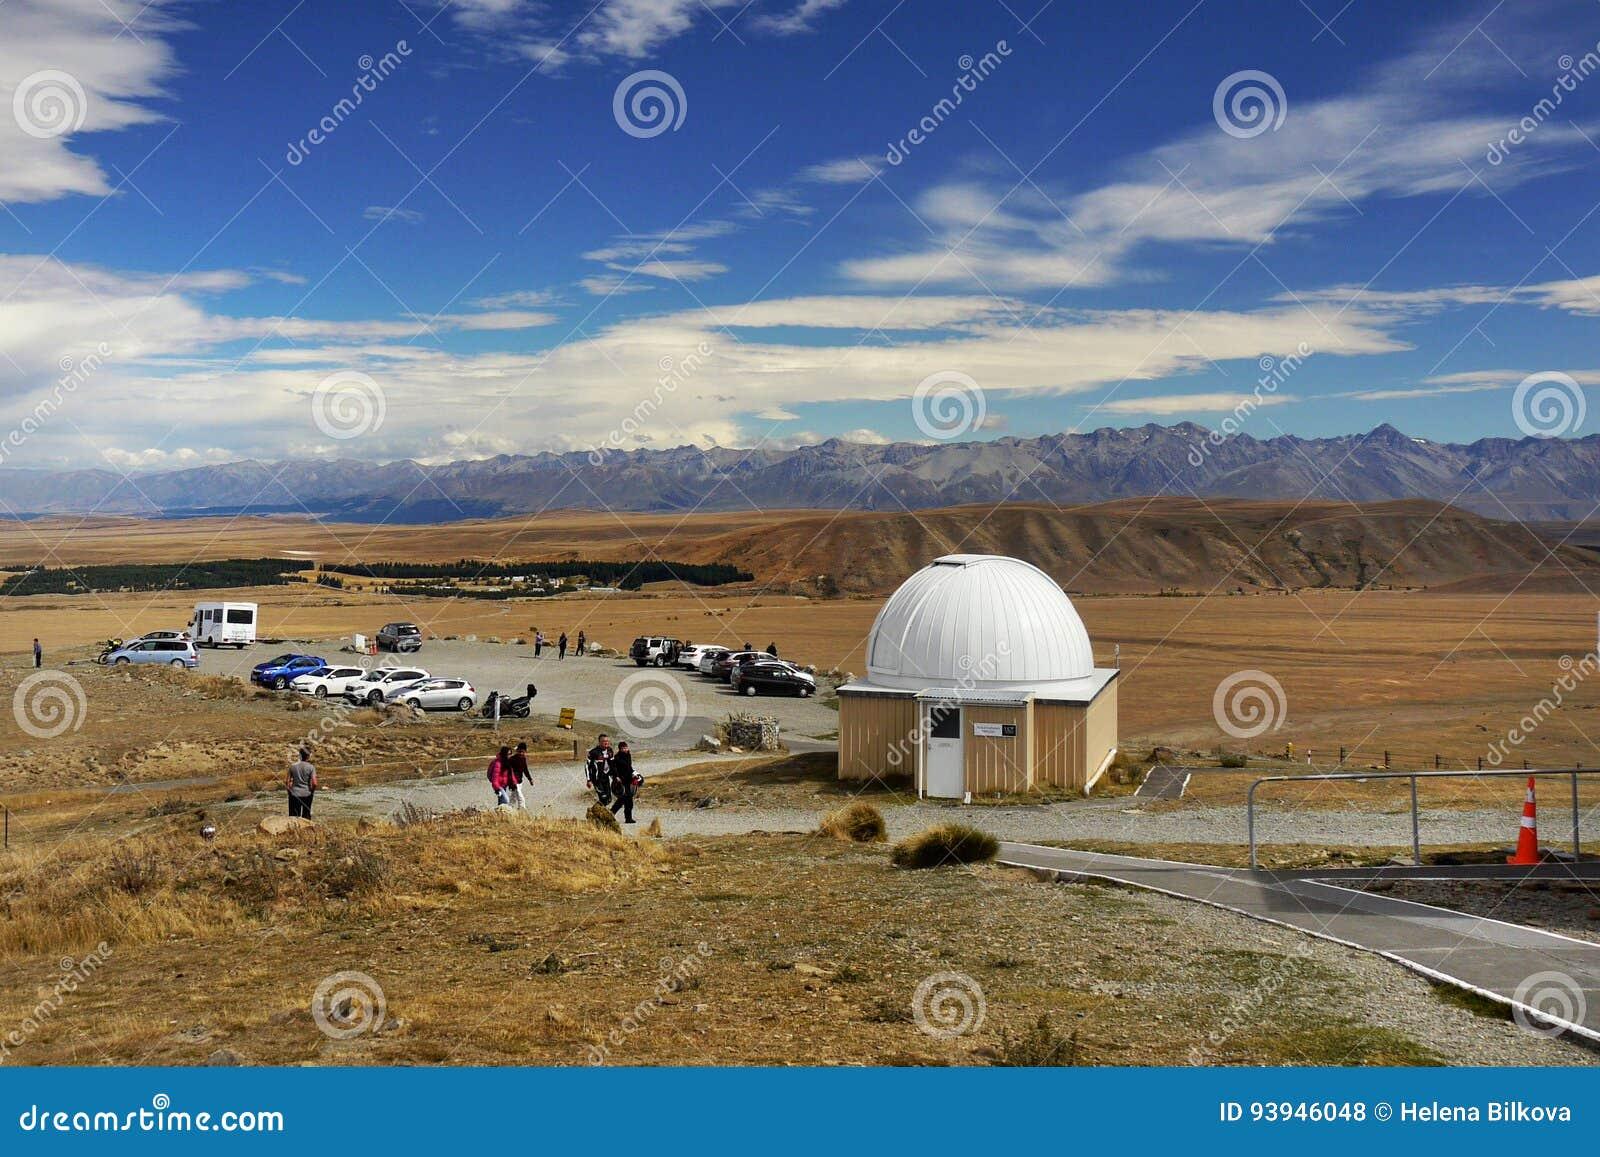 Astronomisches observatorium teleskop redaktionelles stockfoto